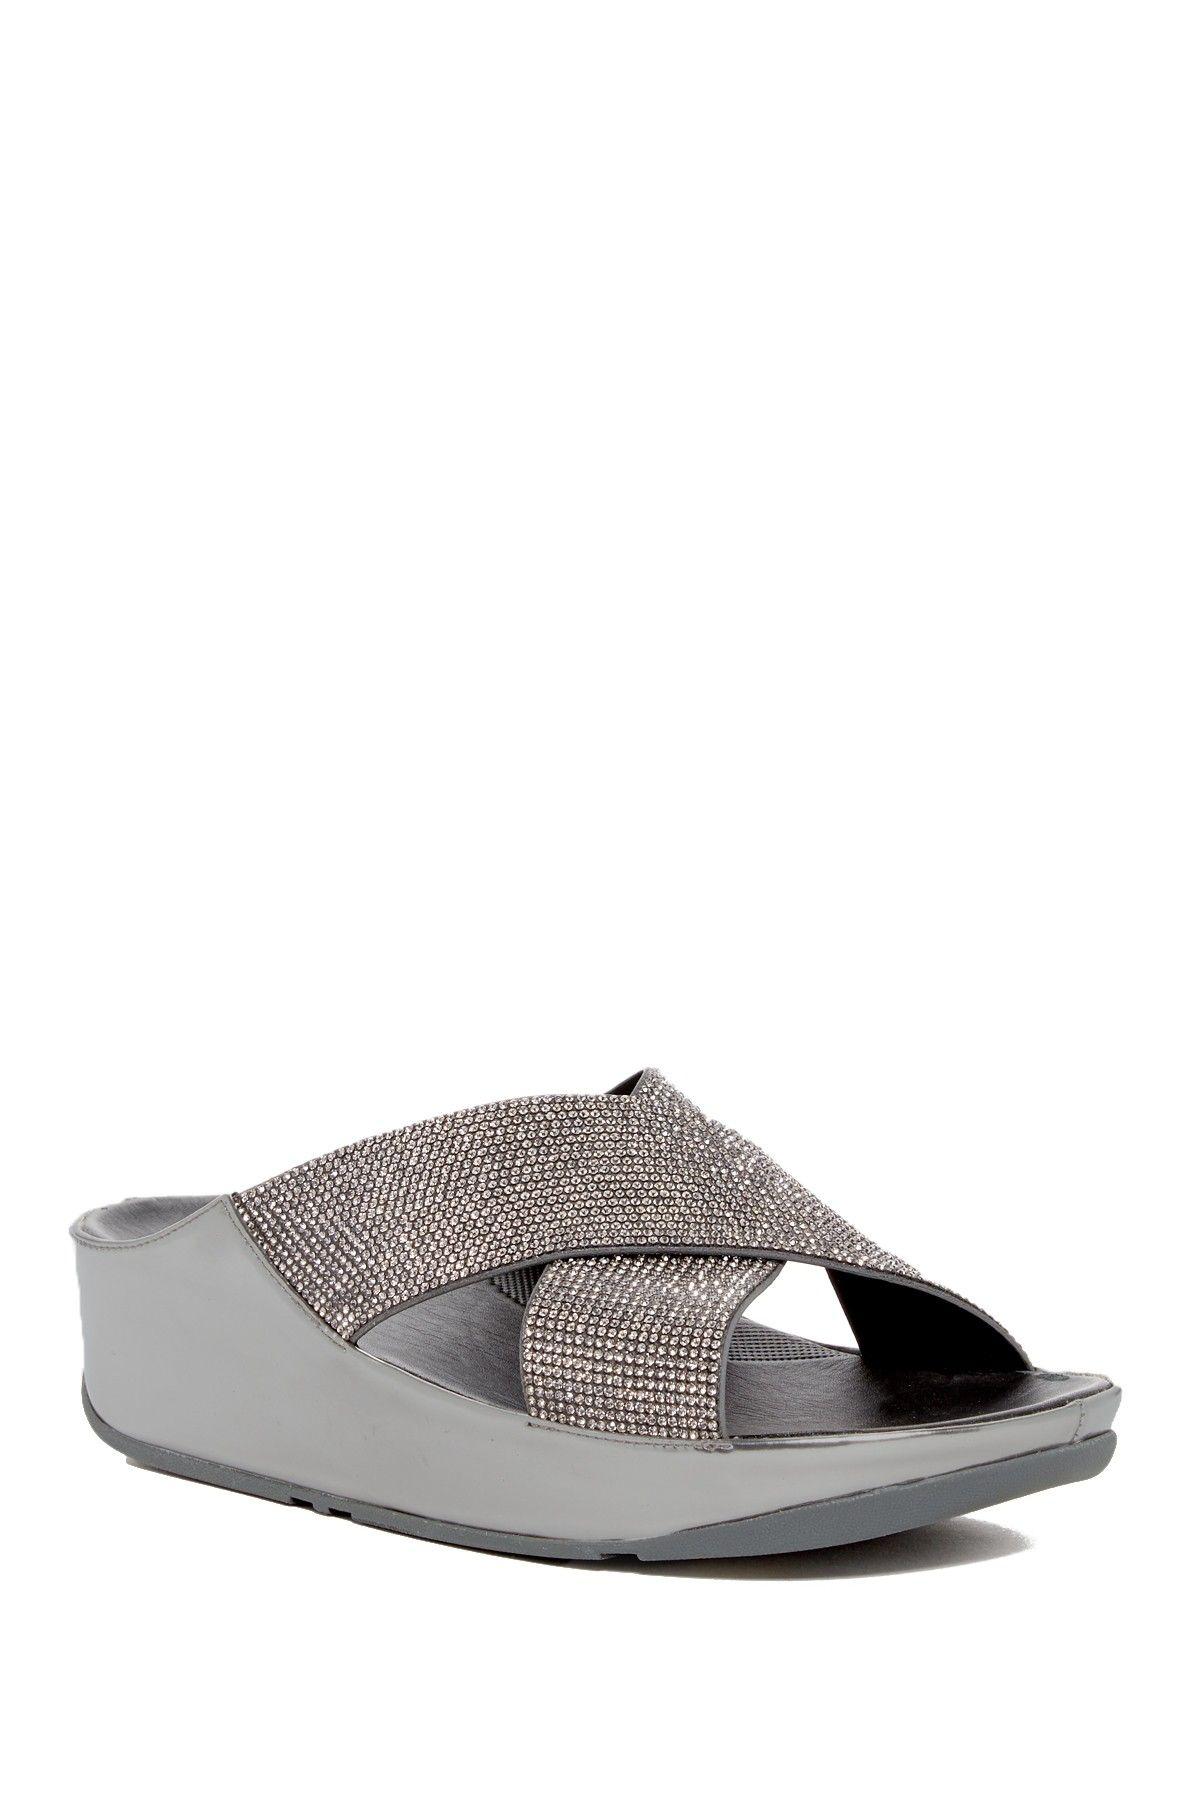 735f6206d Crystal Slide Sandal Fitflop Sandals